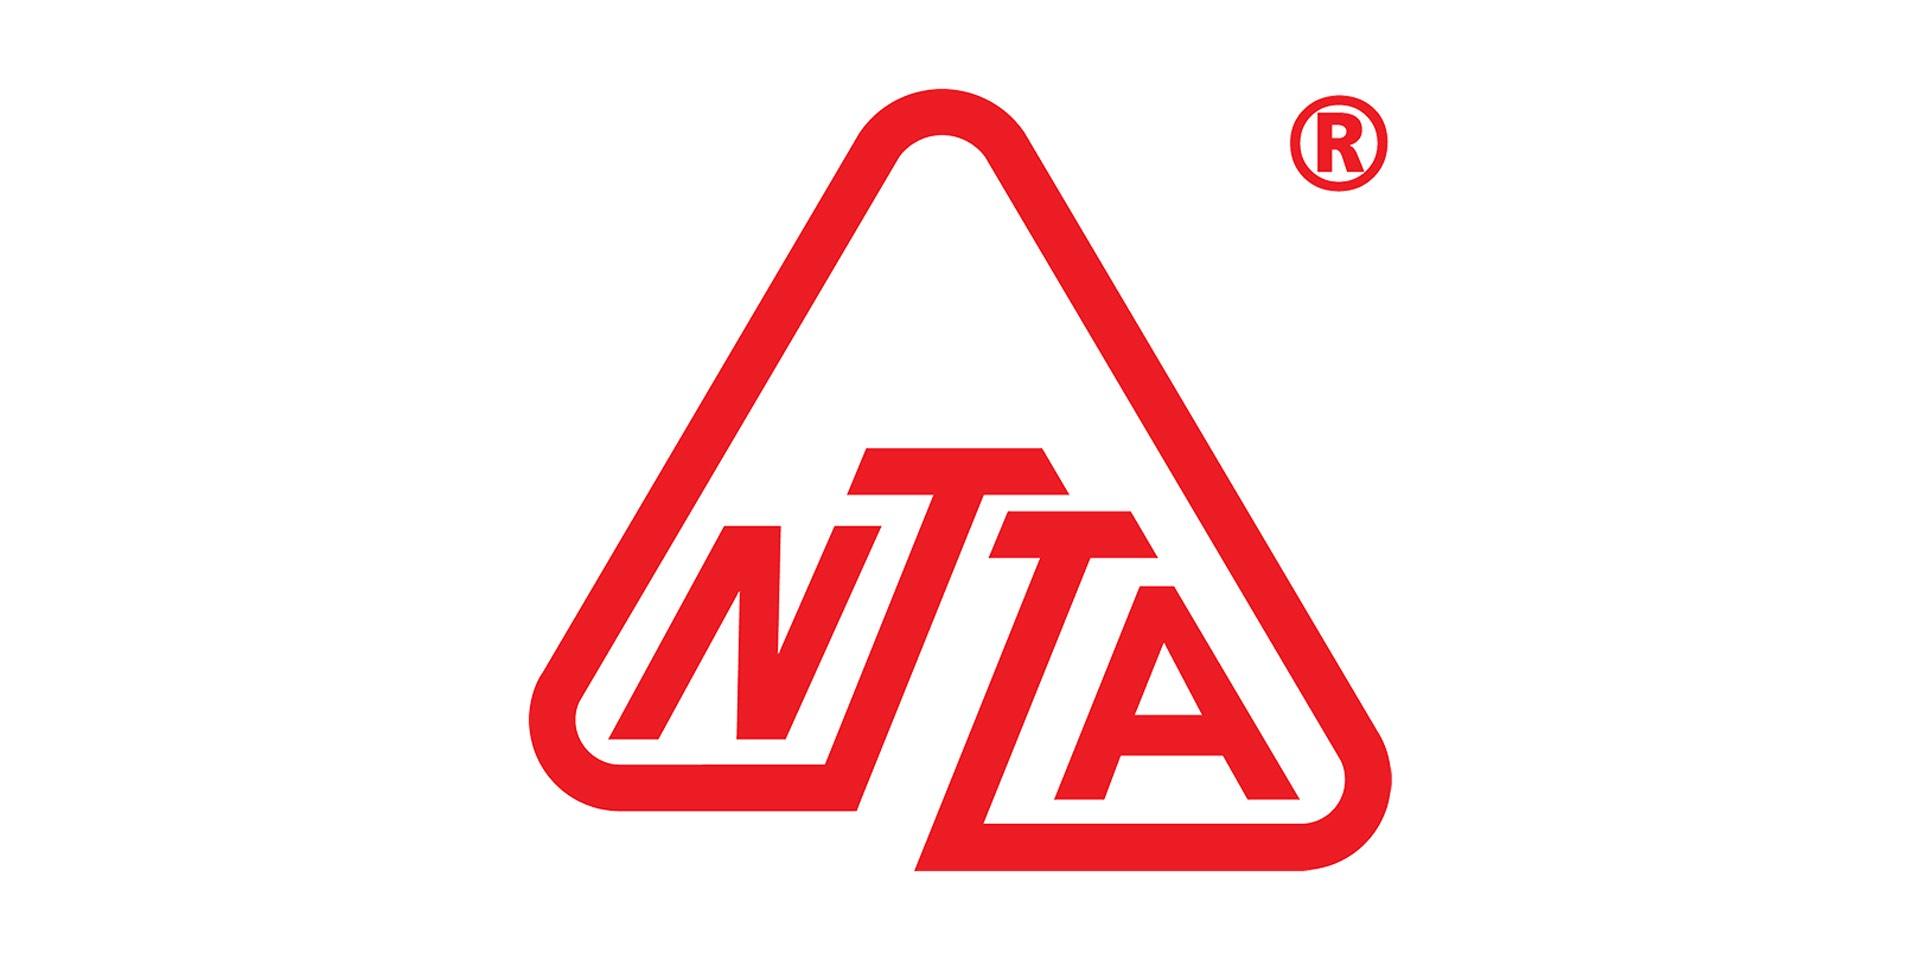 TrailerTek are NTTA Quality Secured